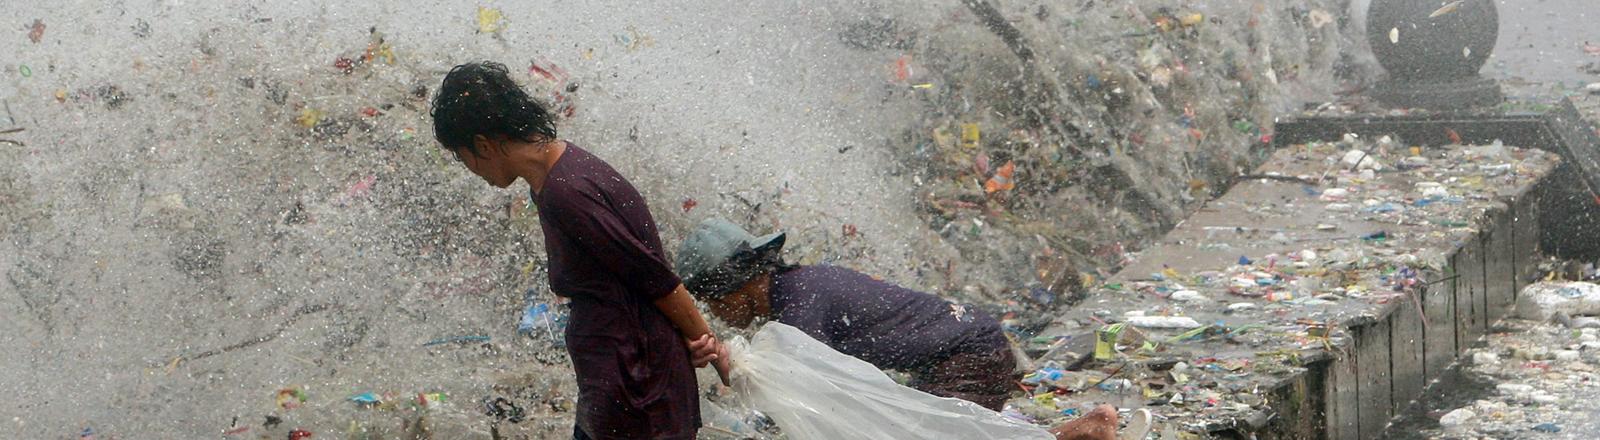 Ein Sturm treibt Wellen von Müll nach Manila und an die Küste.